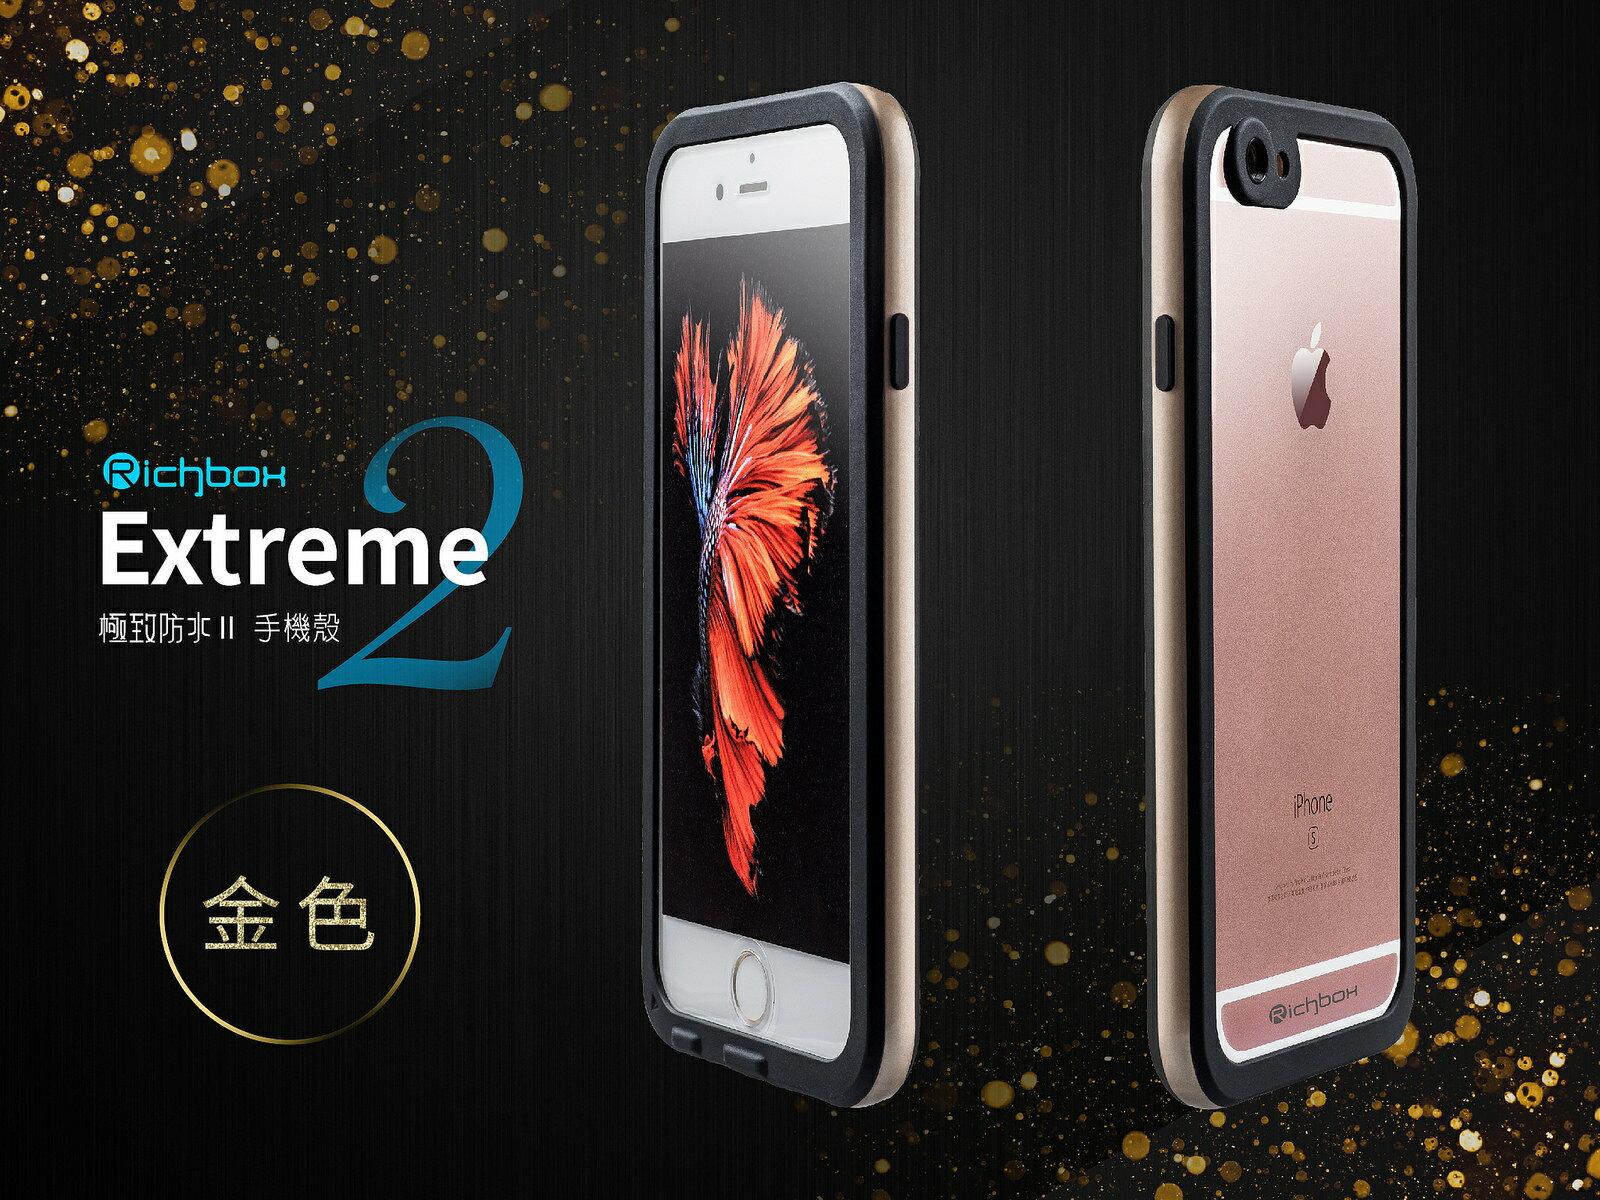 【Richbox】[APPLE] 極致防水 閃耀系列 手機殼保護殼 全面包覆保護套[I6+,I6s+] 0